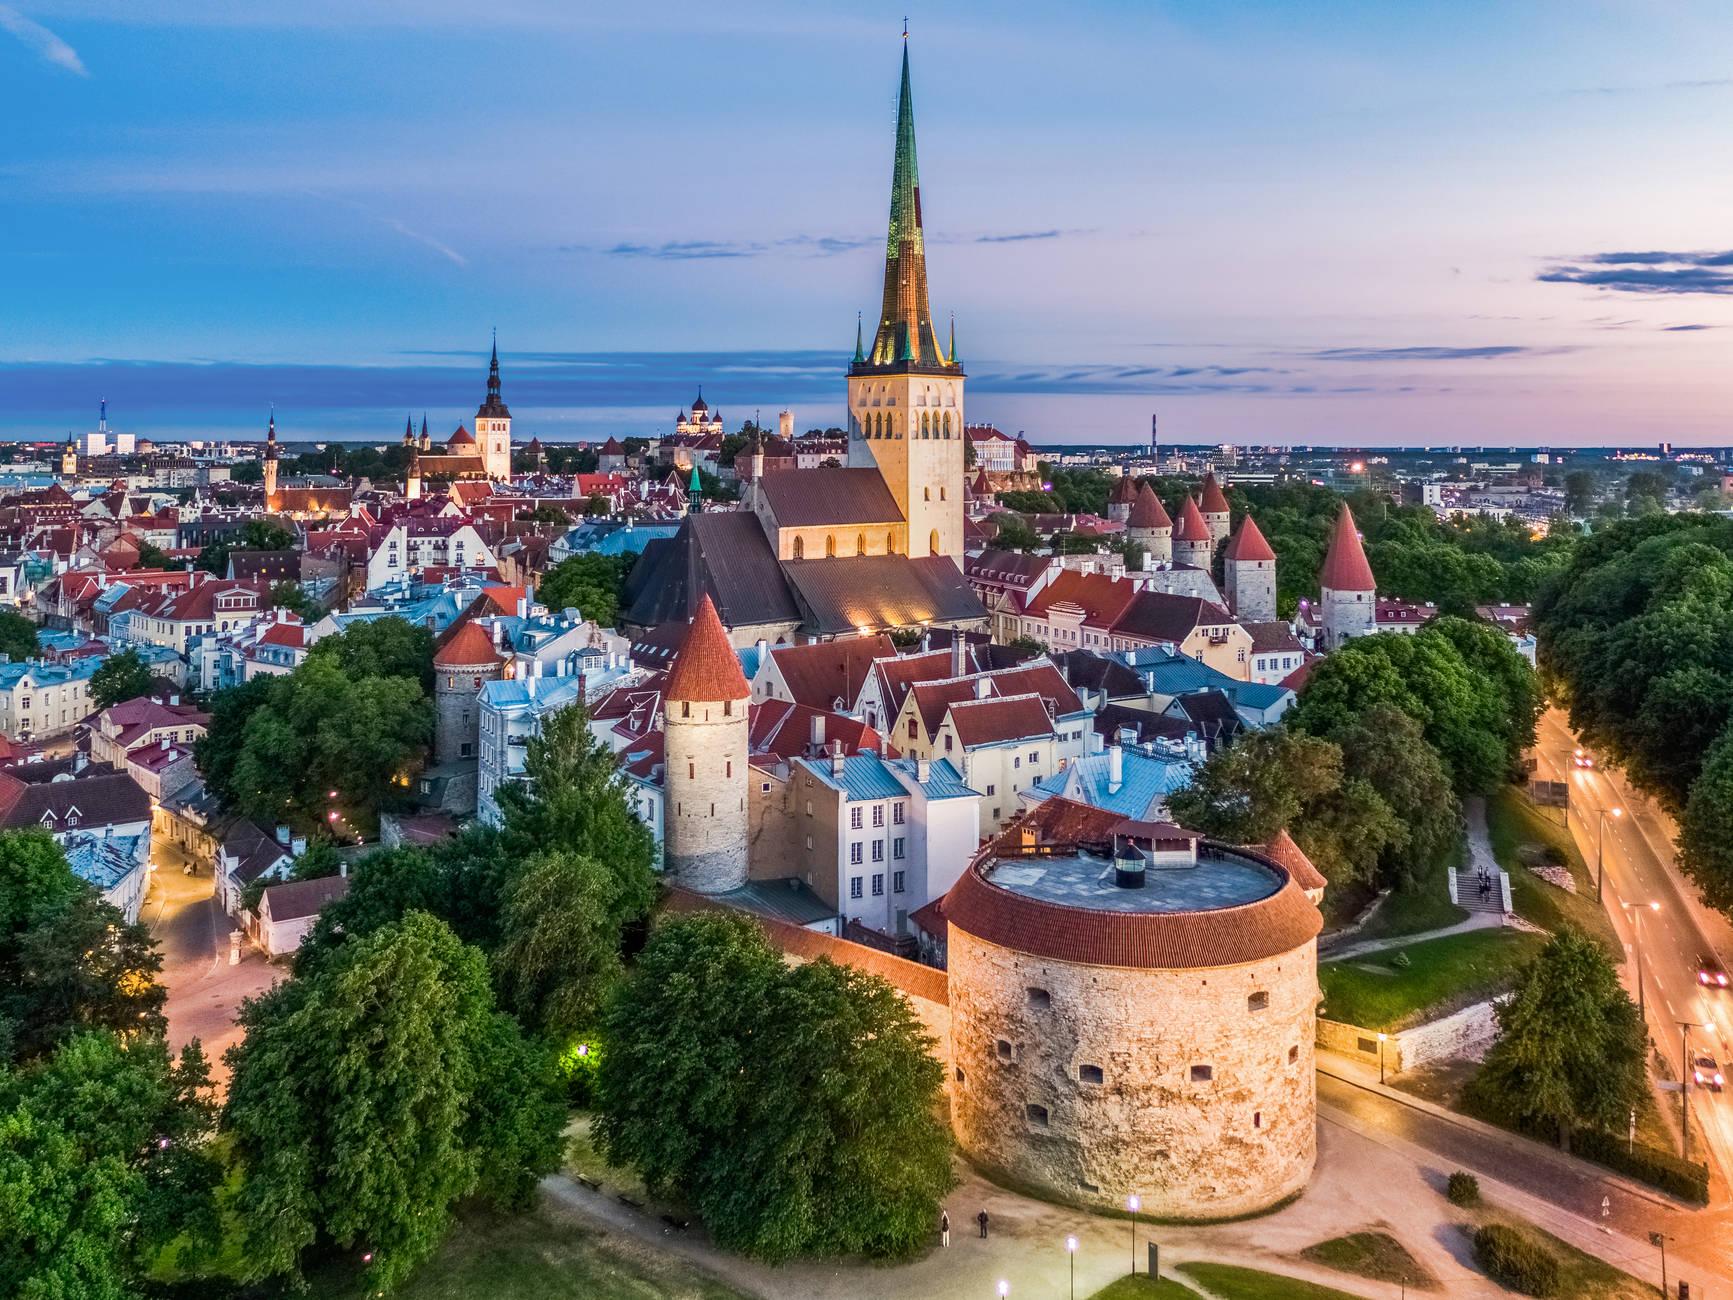 Tallinn oli möödunud aastal hinnatud konverentsilinn